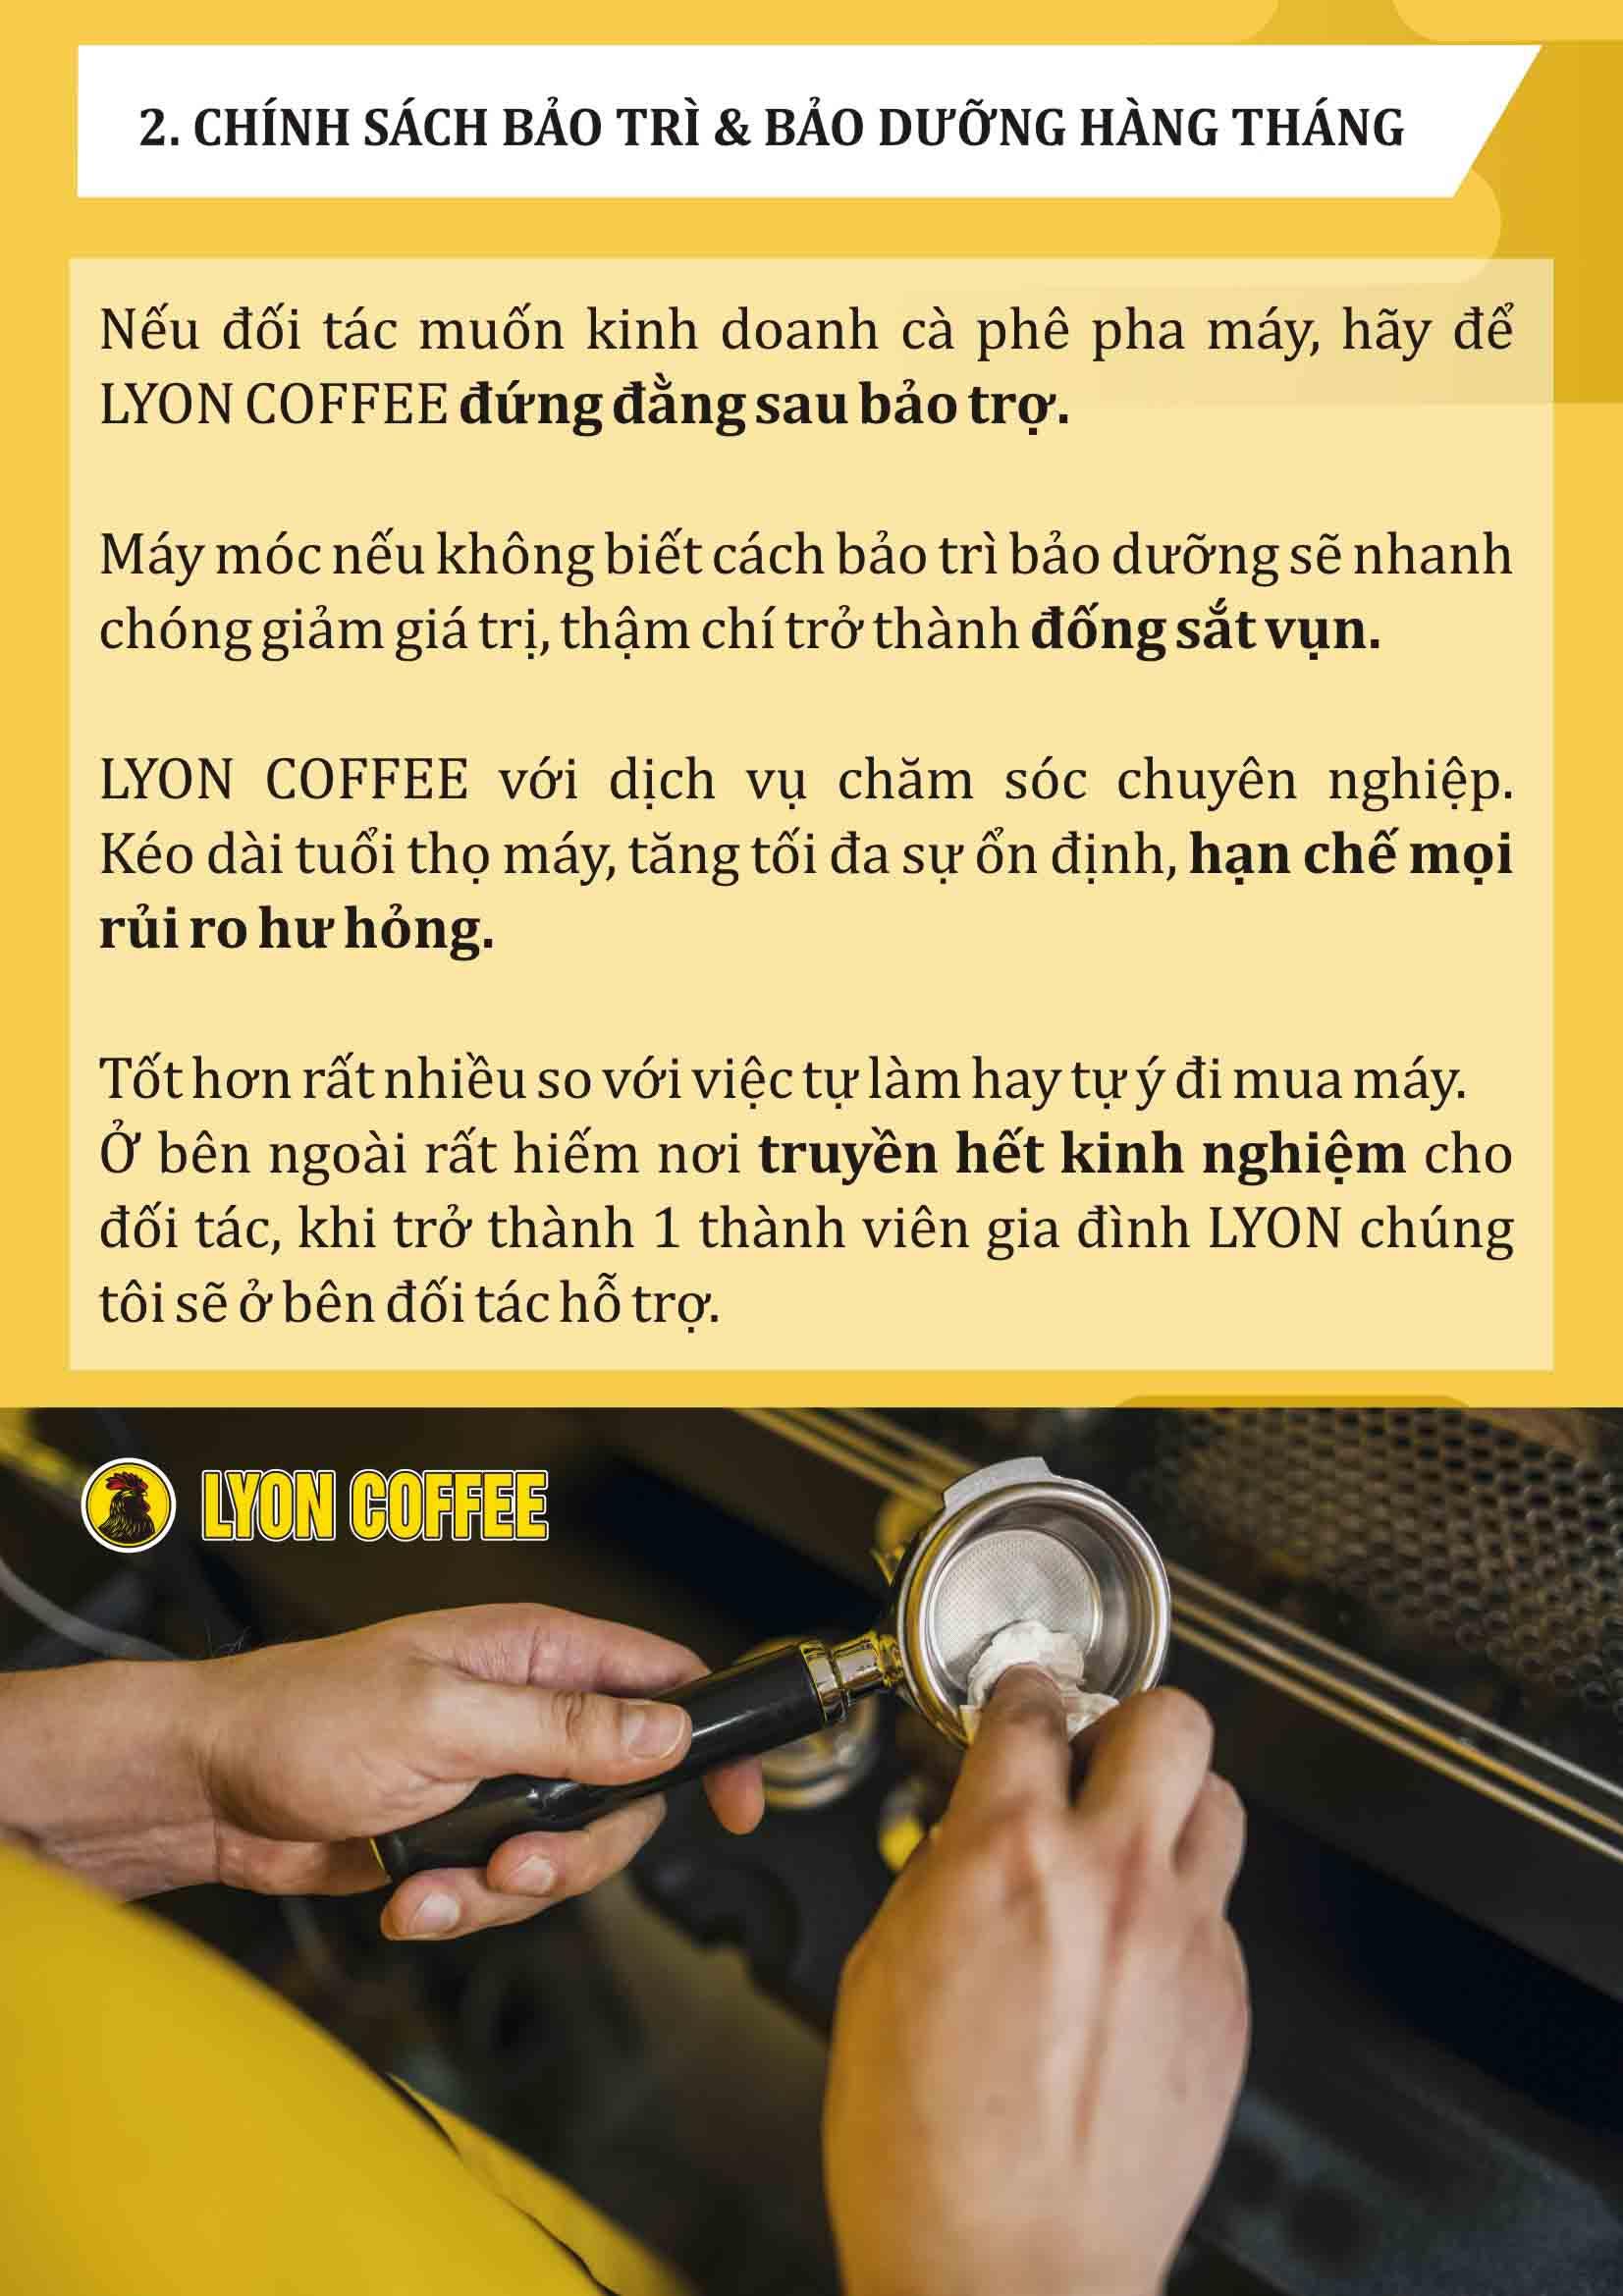 Nhà chuyên cung cấp máy pha cà phê tại tphcm có chính sách bảo trì bảo dưỡng tuyệt vời nhất